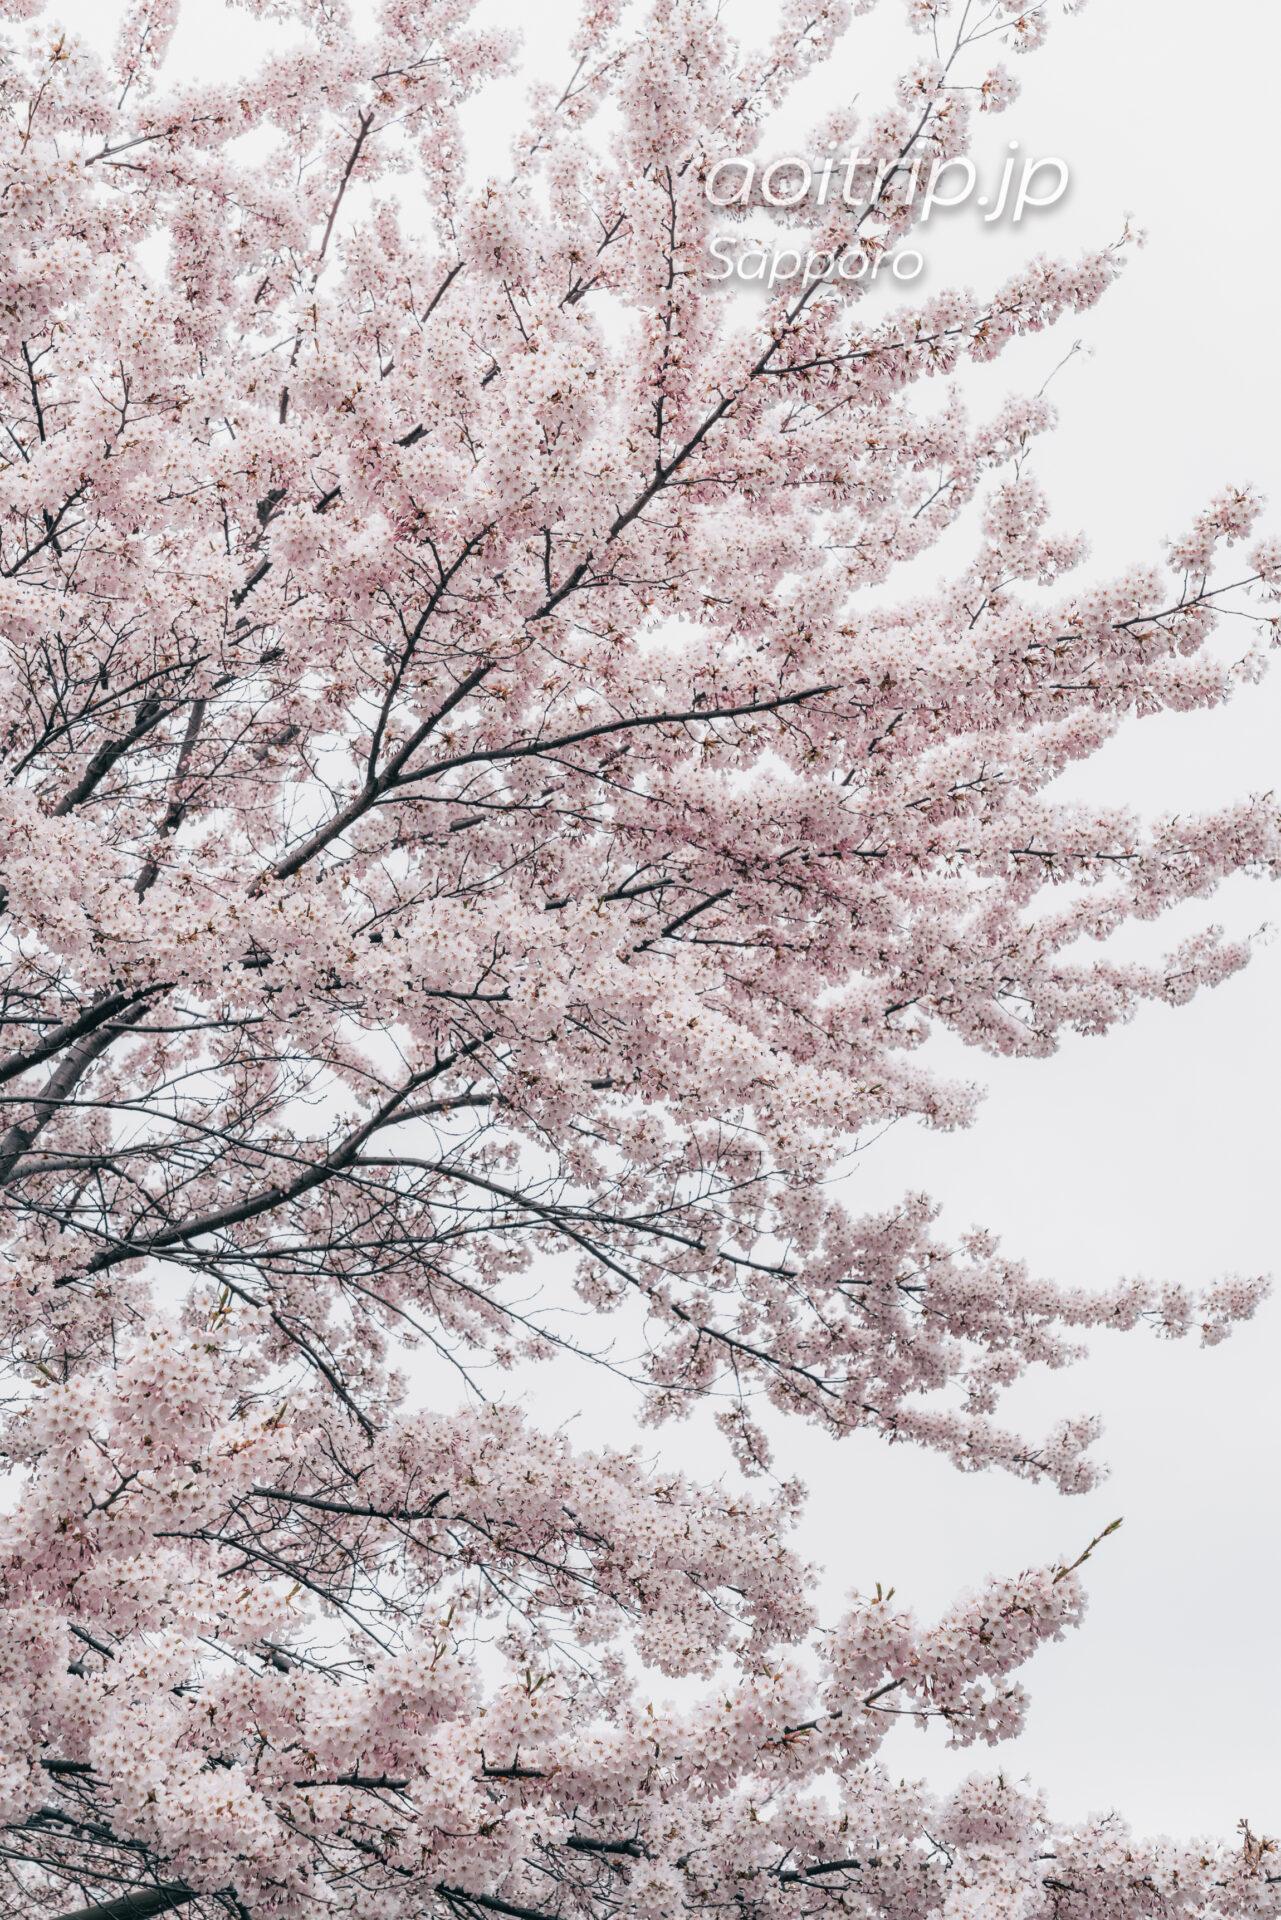 札幌パークホテル南側のソメイヨシノ並木